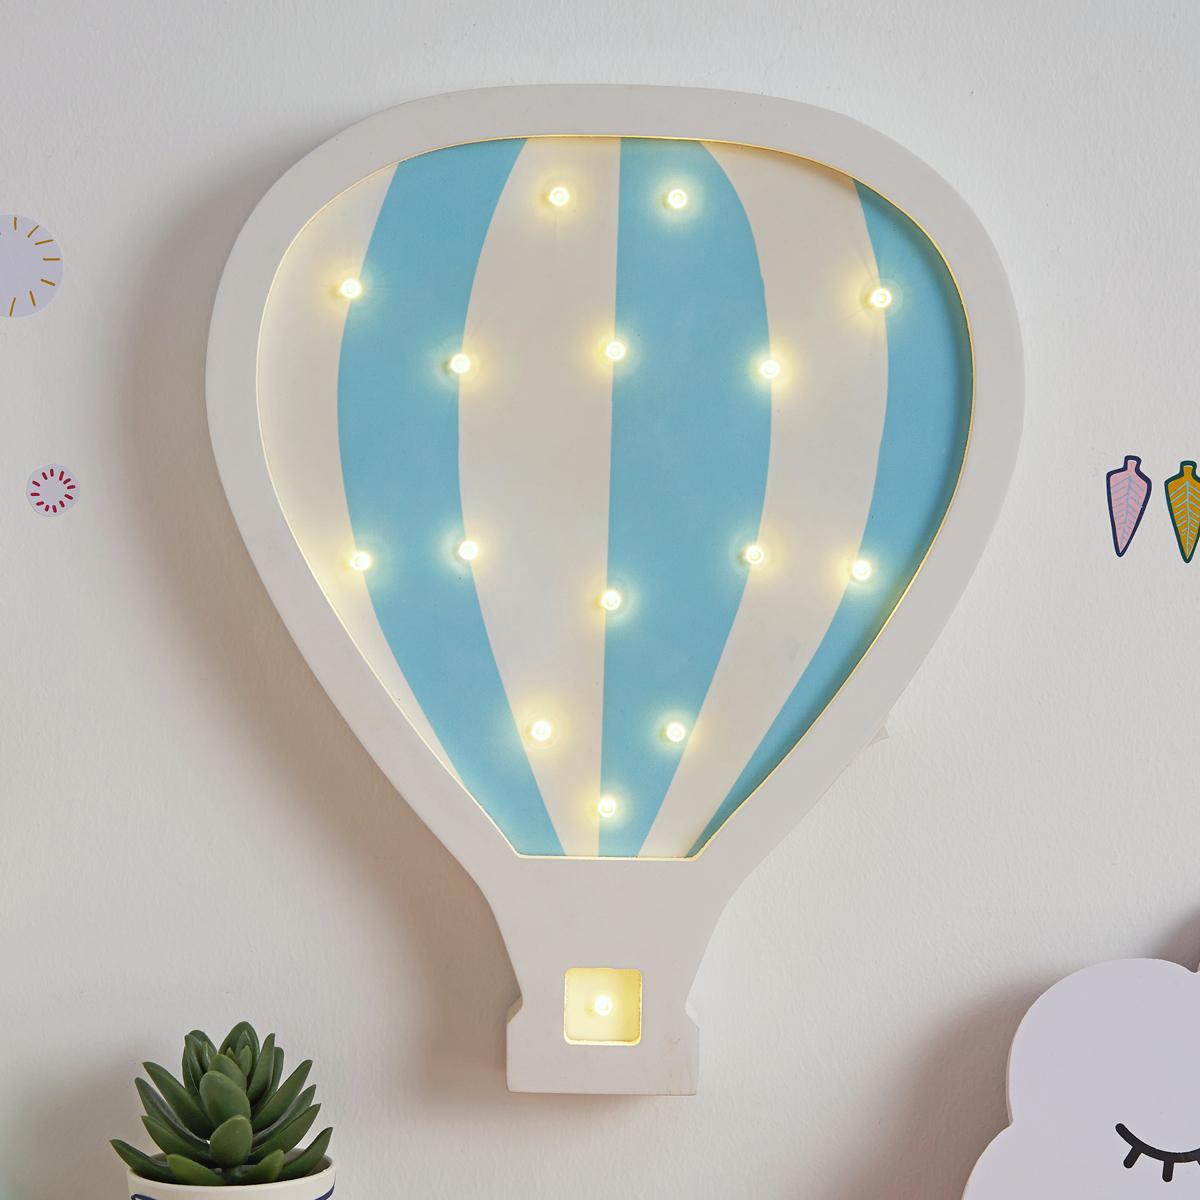 Hellgrau Weiß Und Holz Sind Erfrischend Natürlich: Lovely Balloon Lamp Wandleuchte Batterie Weiß/Blau/ Holz